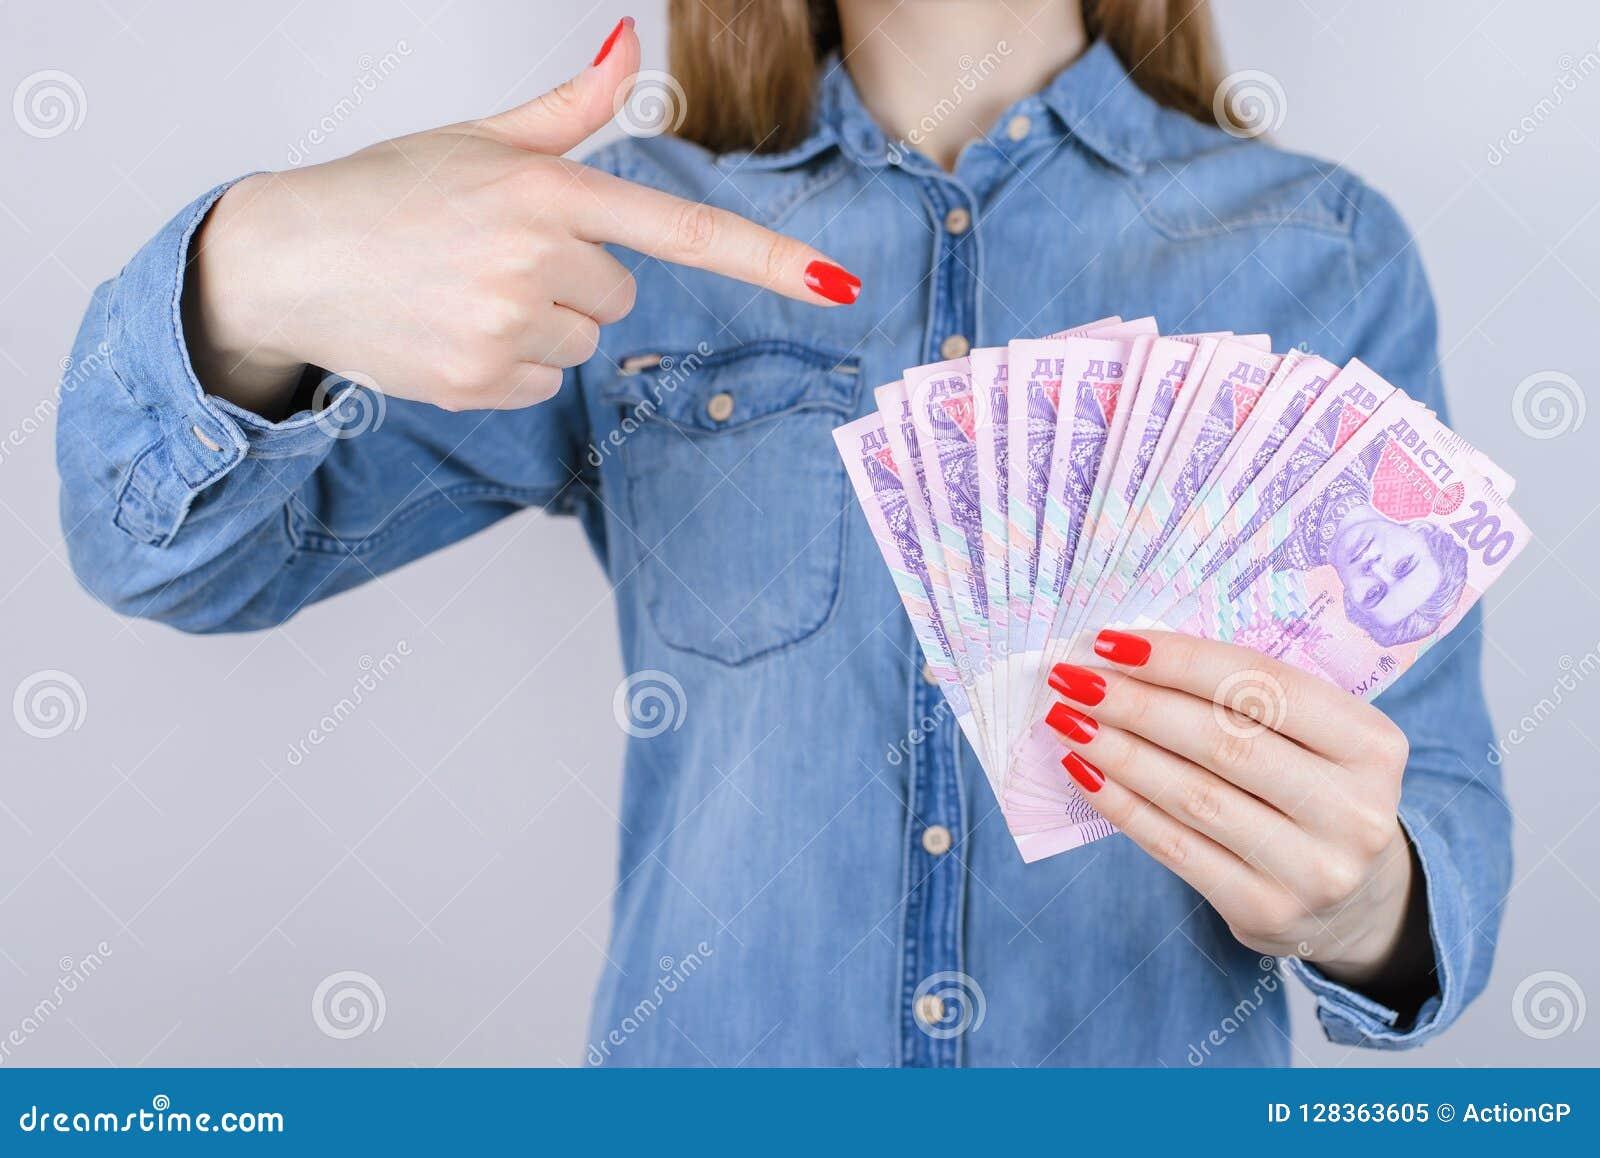 Δώστε το ενεχυροδανειστήριο ενδιαφέροντος χρέωσης φόρου λογαριασμών κερδίζει τον επενδυτή του ATM investm